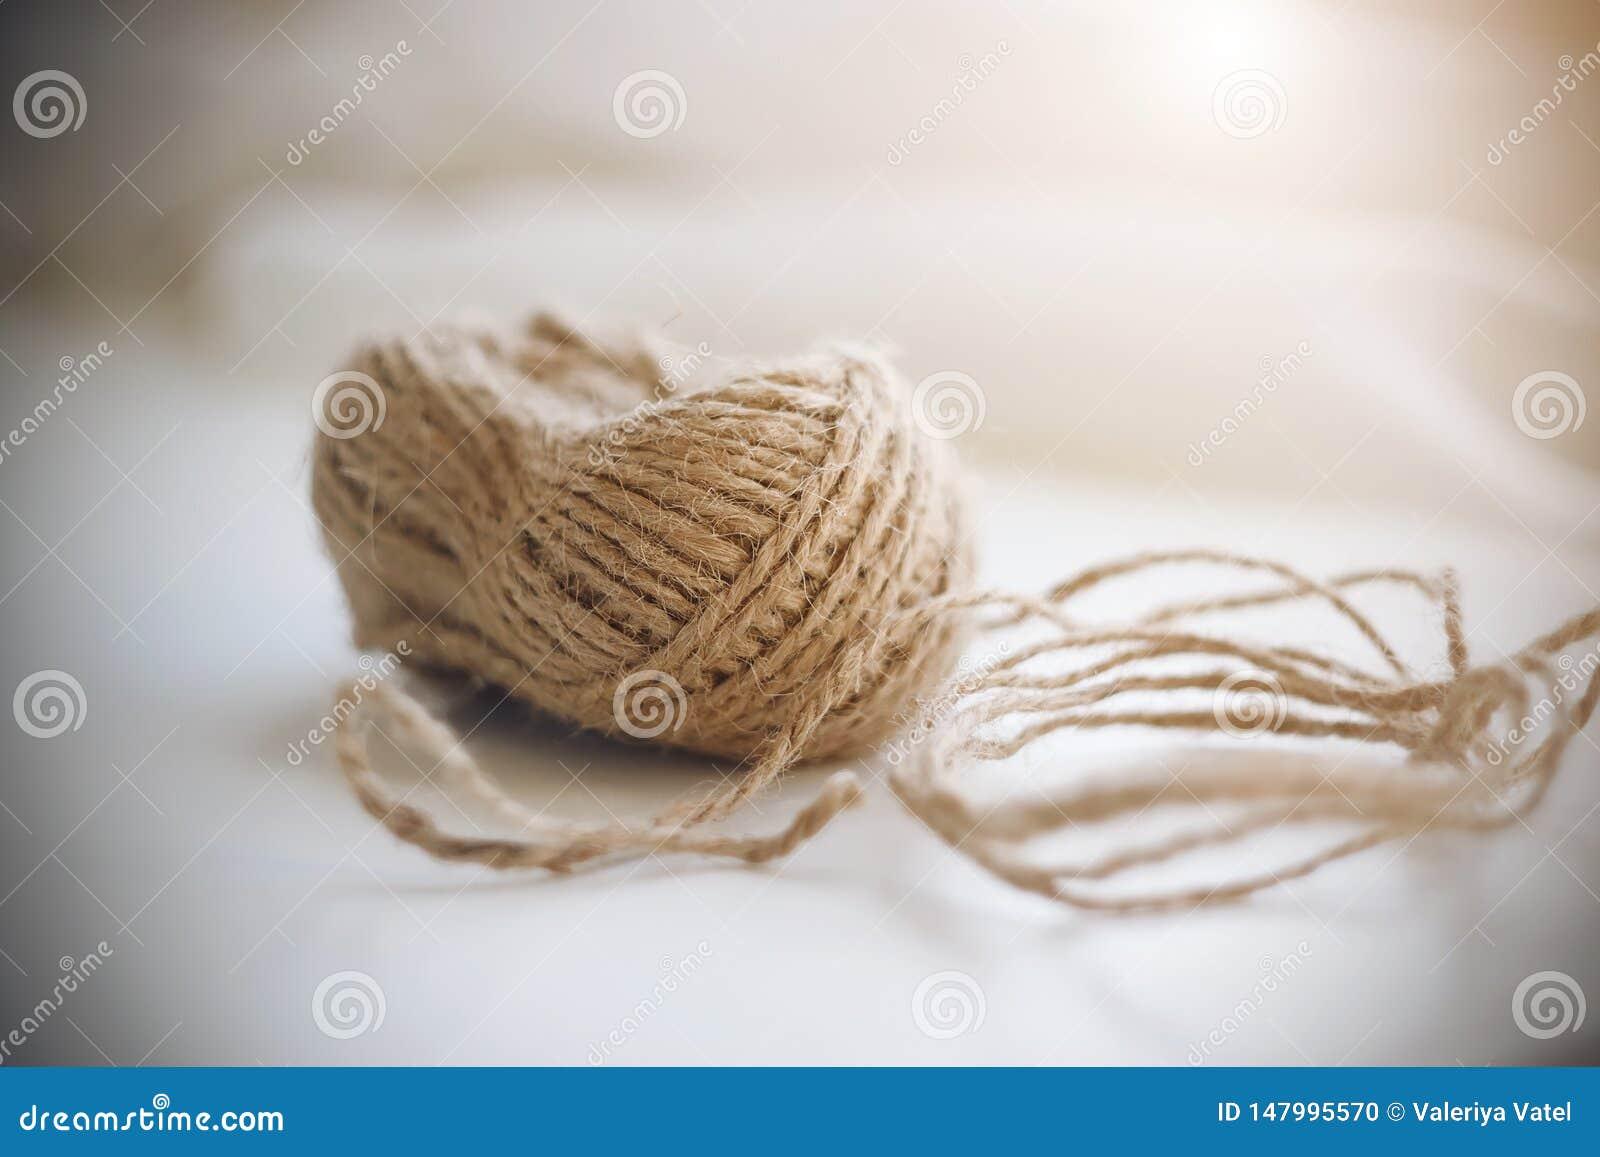 Катушка бежевой грубой пеньковой веревки